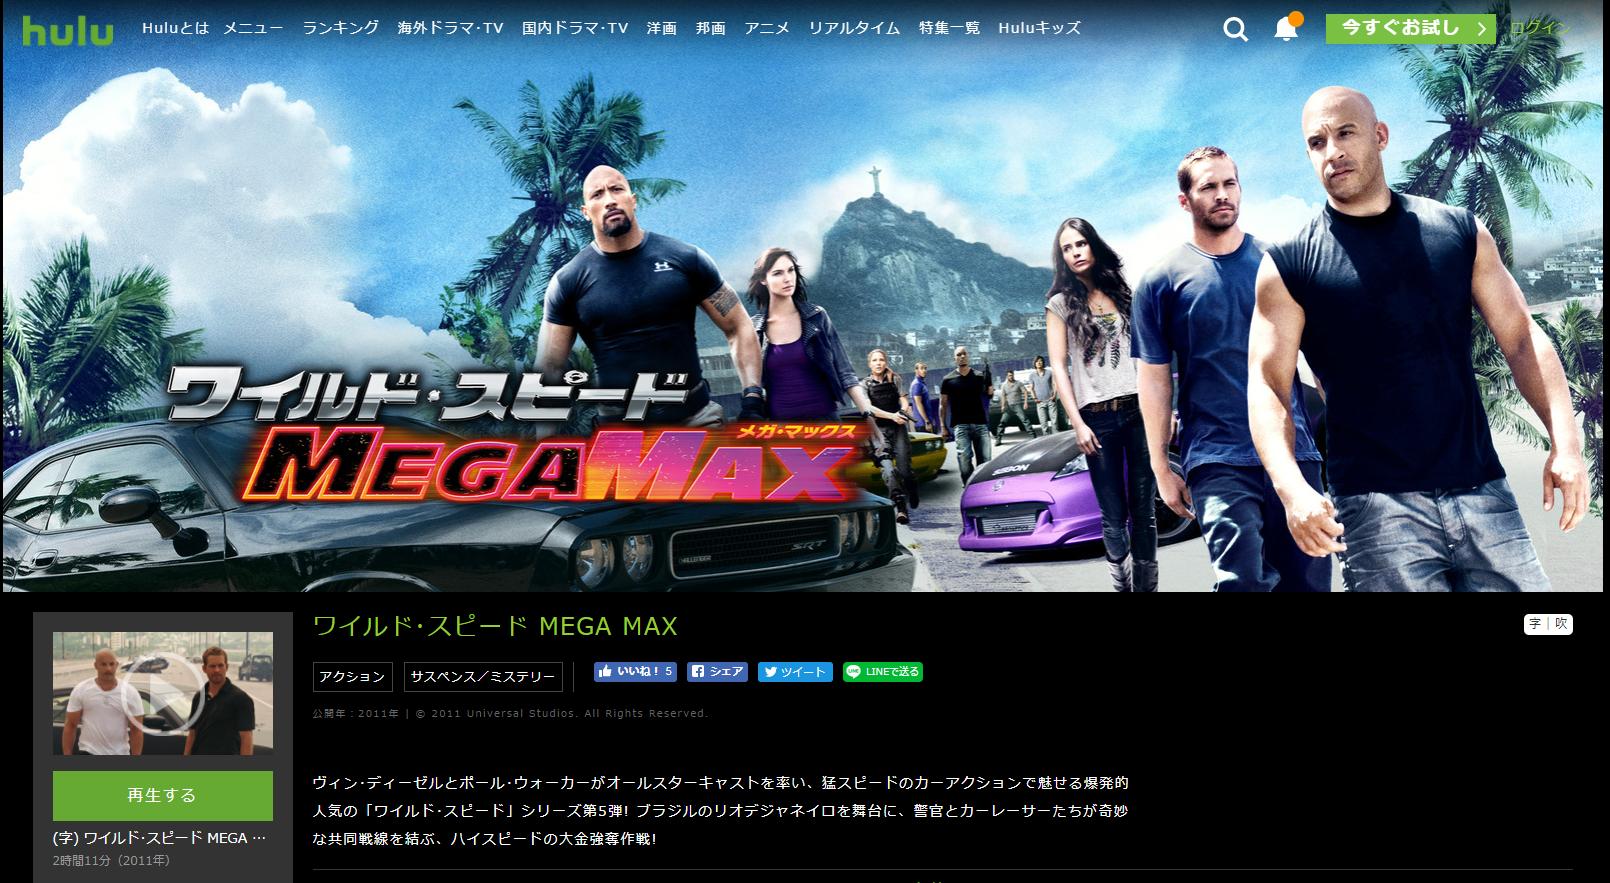 7月6日 土曜プレミアム ワイルドスピードMEGAMAX3 hulu